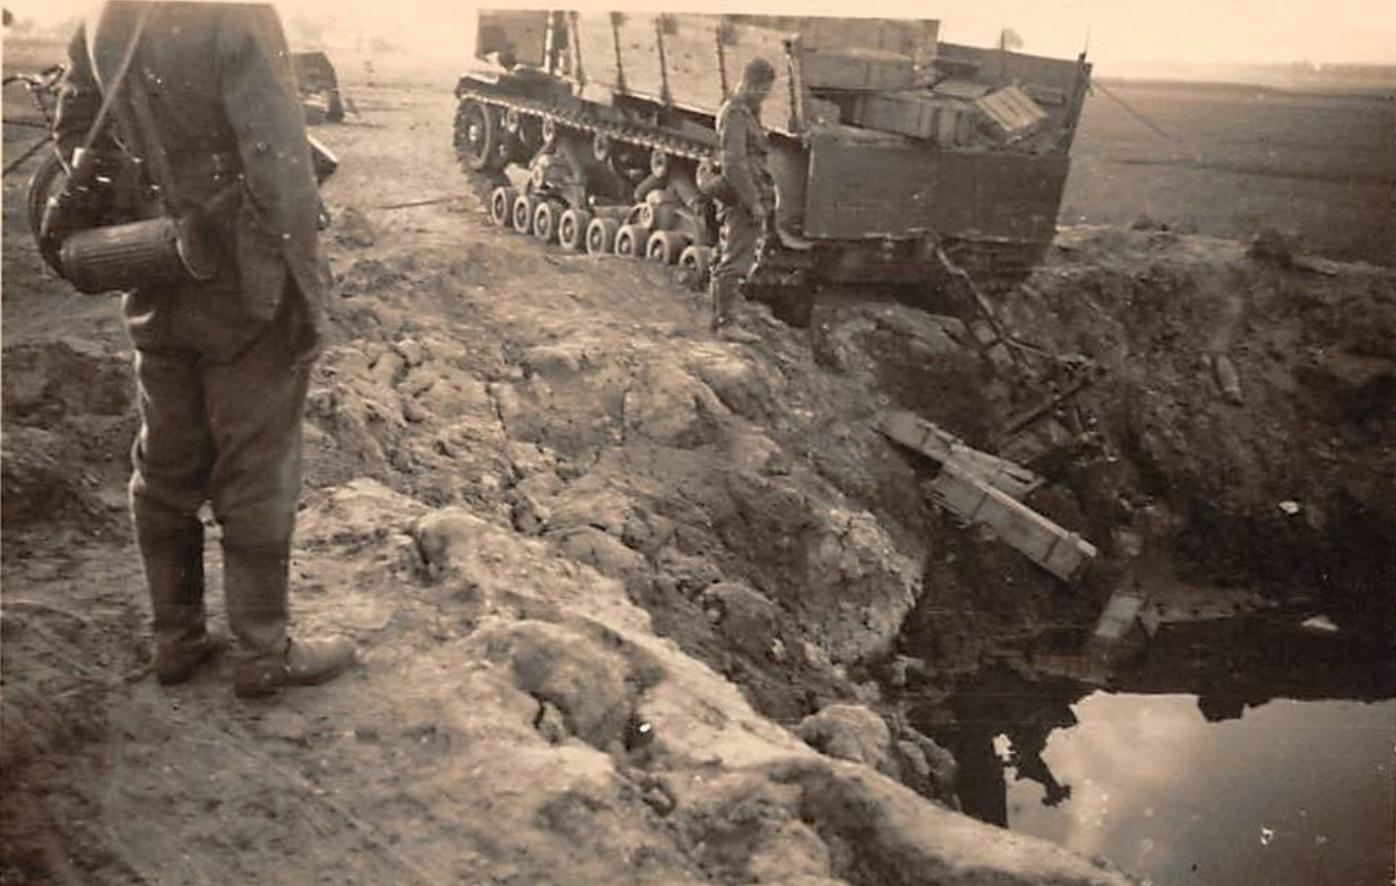 Vormarsch-Panzer-III-an-88-cm-Flak-36.jpg